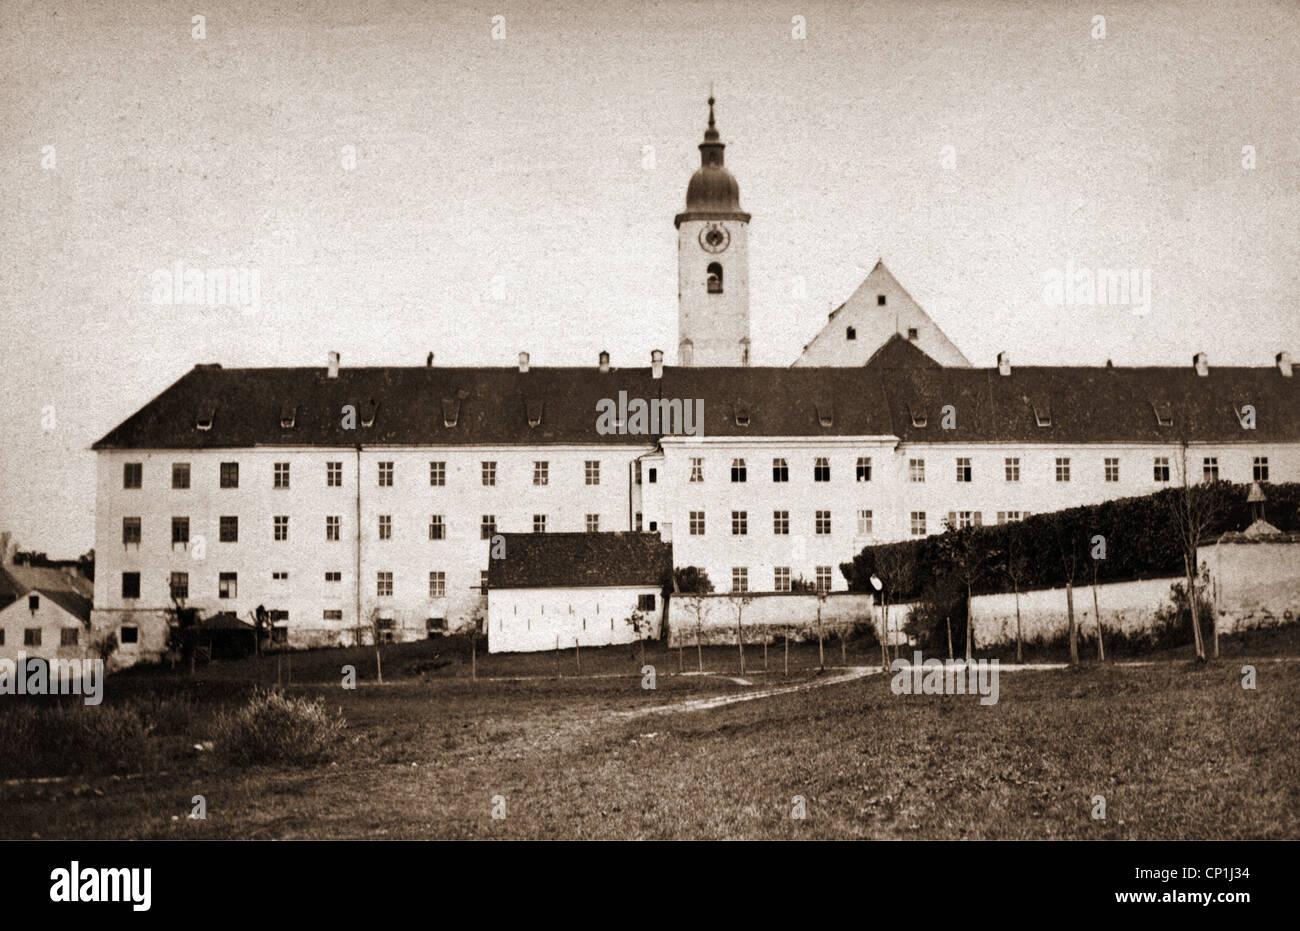 Geographie Reisen Deutschland Kloster Kloster Dietramszell